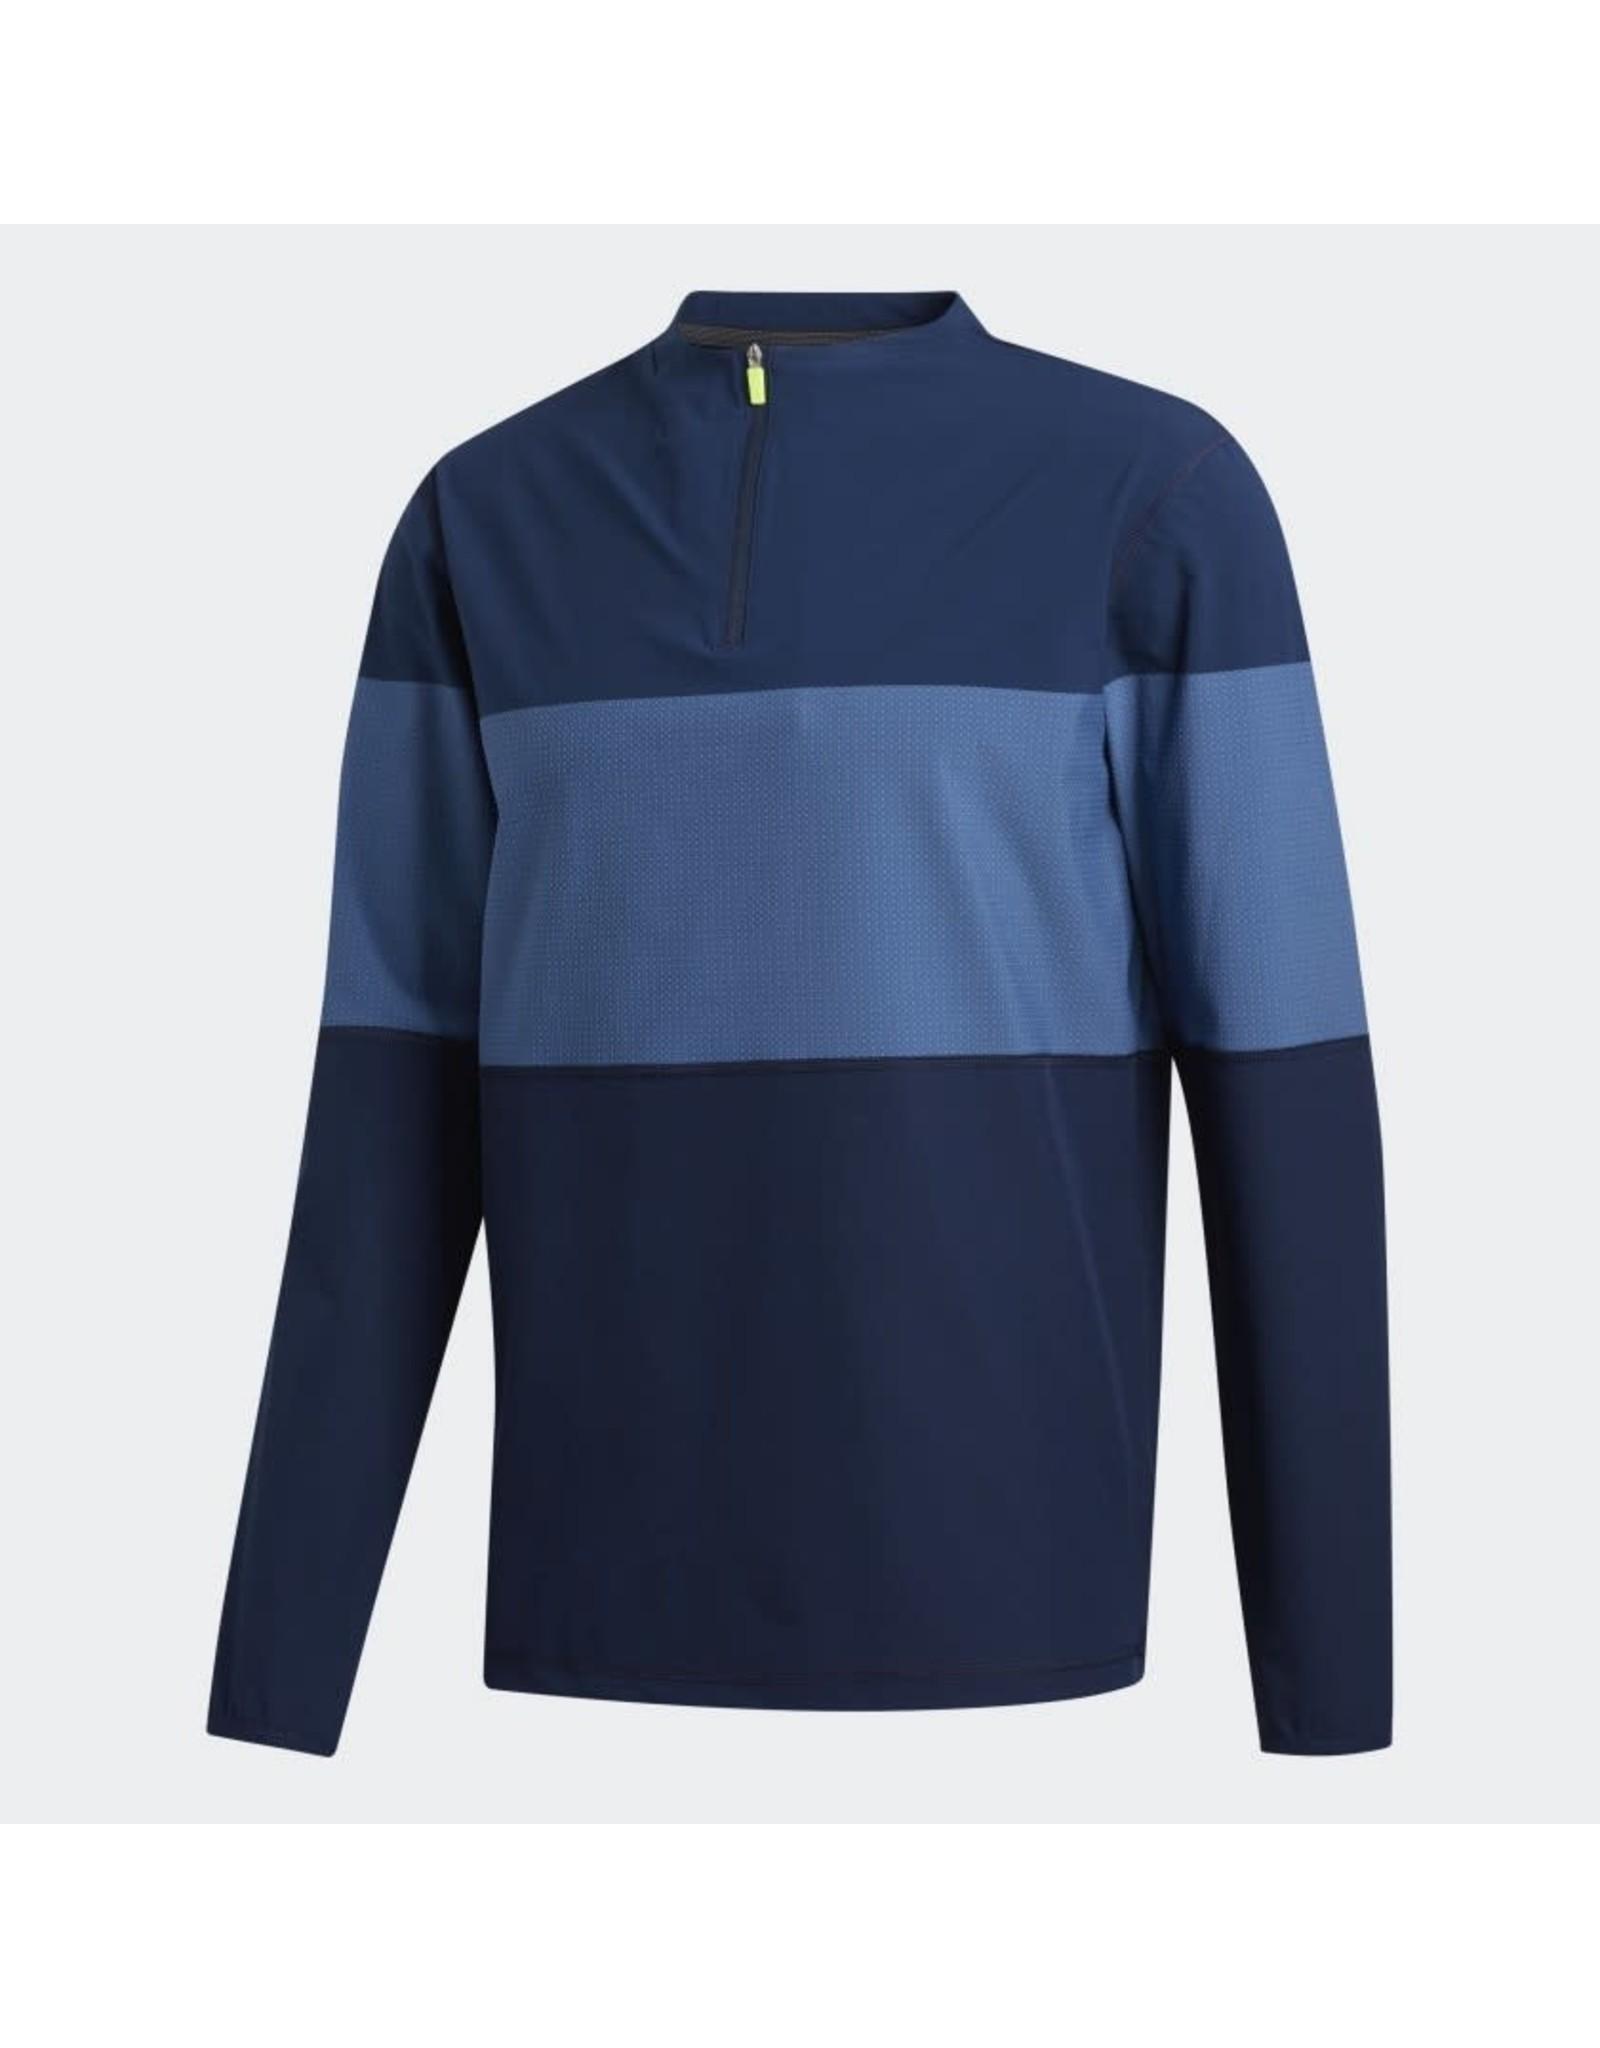 Adidas Adidas Long Sleeve (FJ9934)